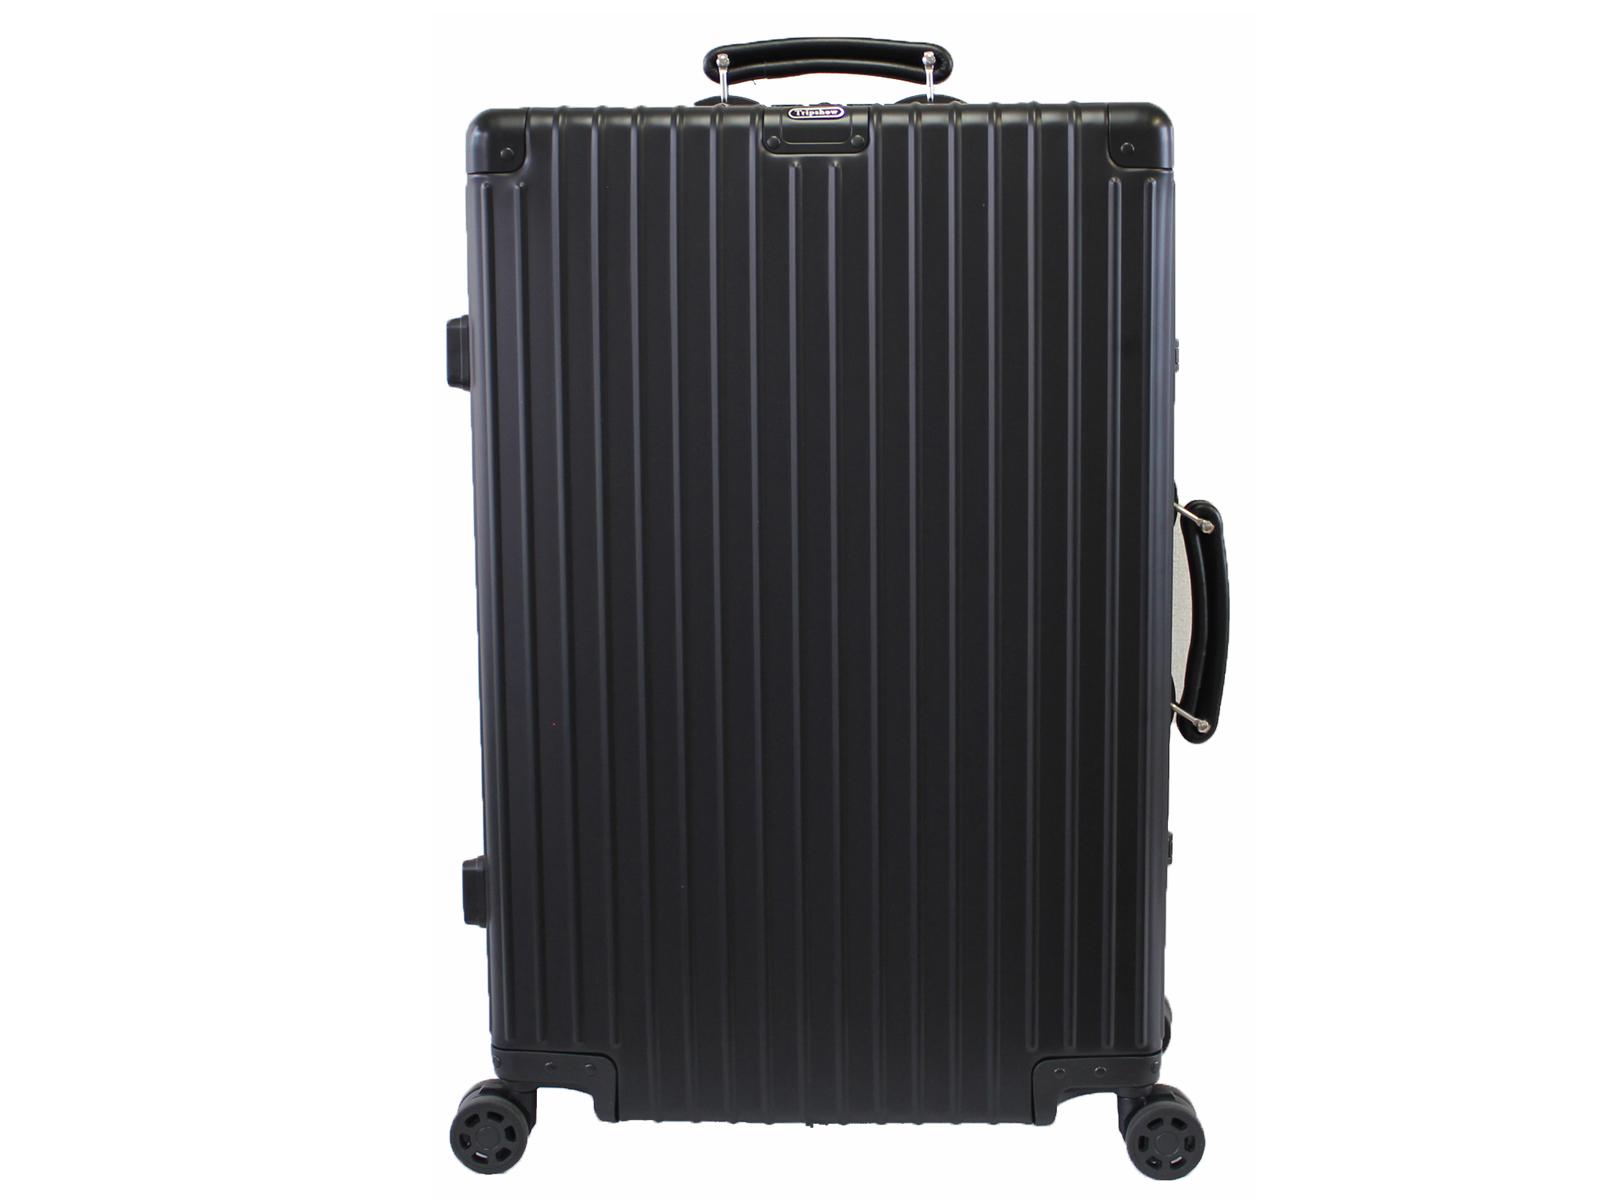 アルミ製スーツケース キャリーケース Mサイズ 65L 2年保証付 TSAロック Wウィルキャスター TRIPSHOW トリップショー 送料無料